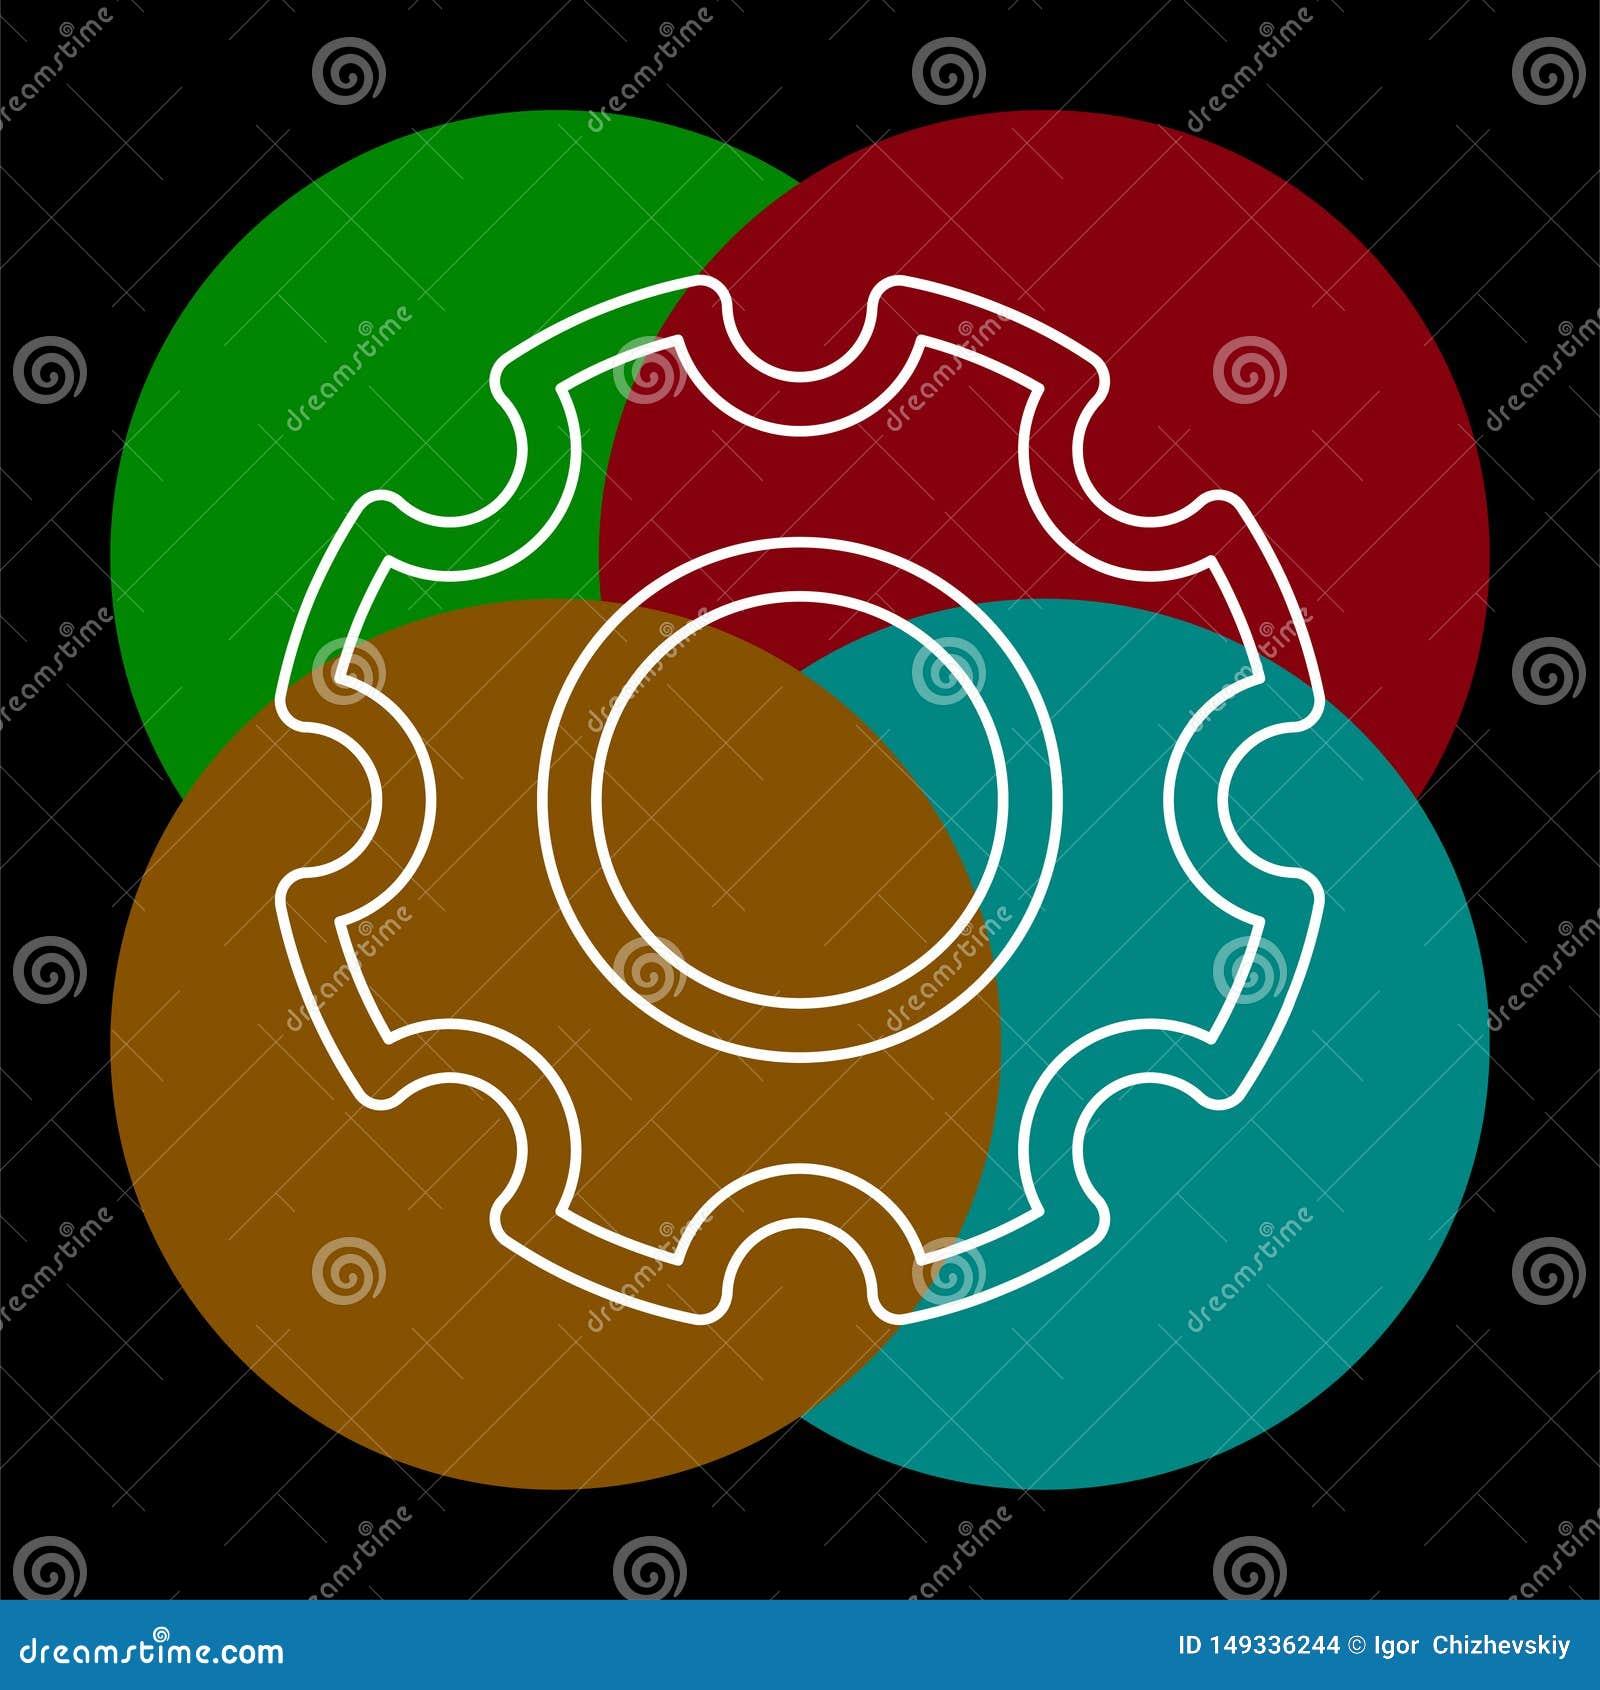 Gears settings icon - Cogwheel gear mechanism